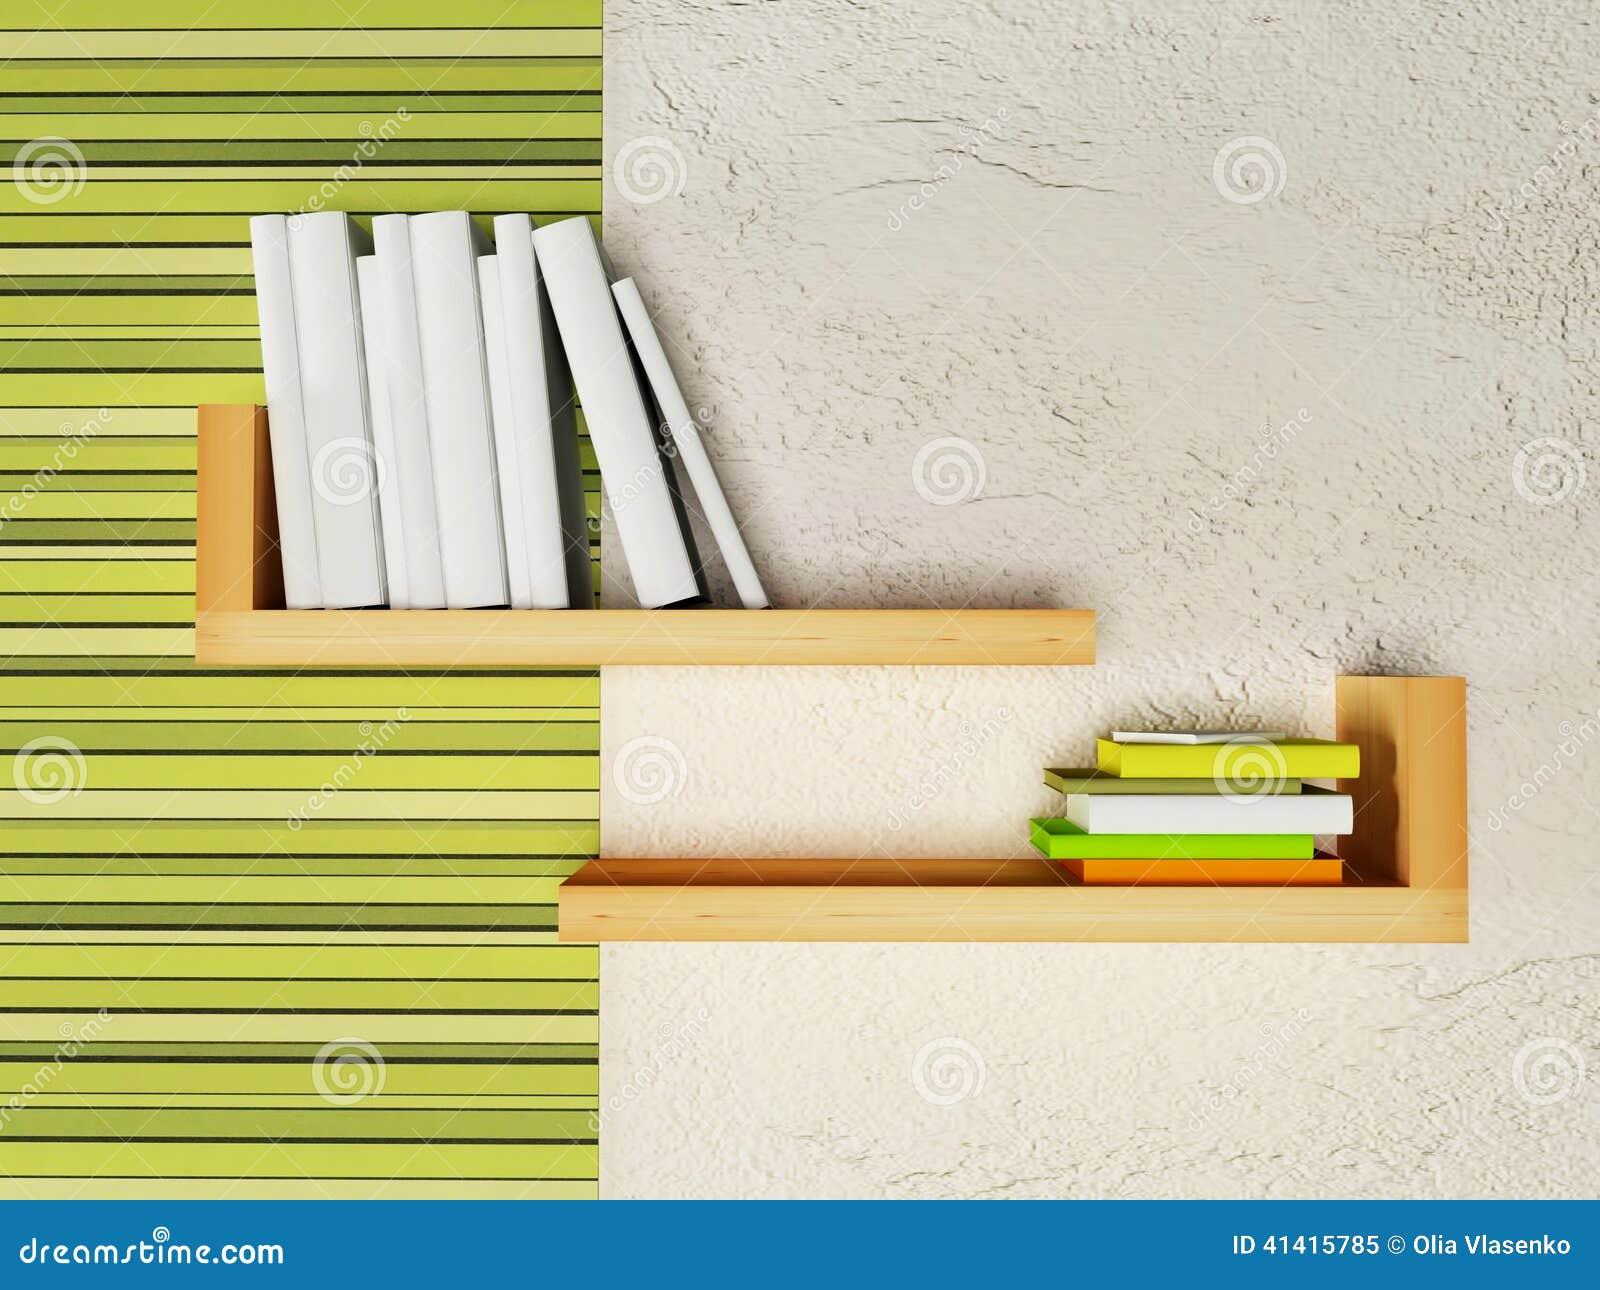 Creatief boekenrek op de muur stock illustratie afbeelding 41415785 - Kleden muur op ...